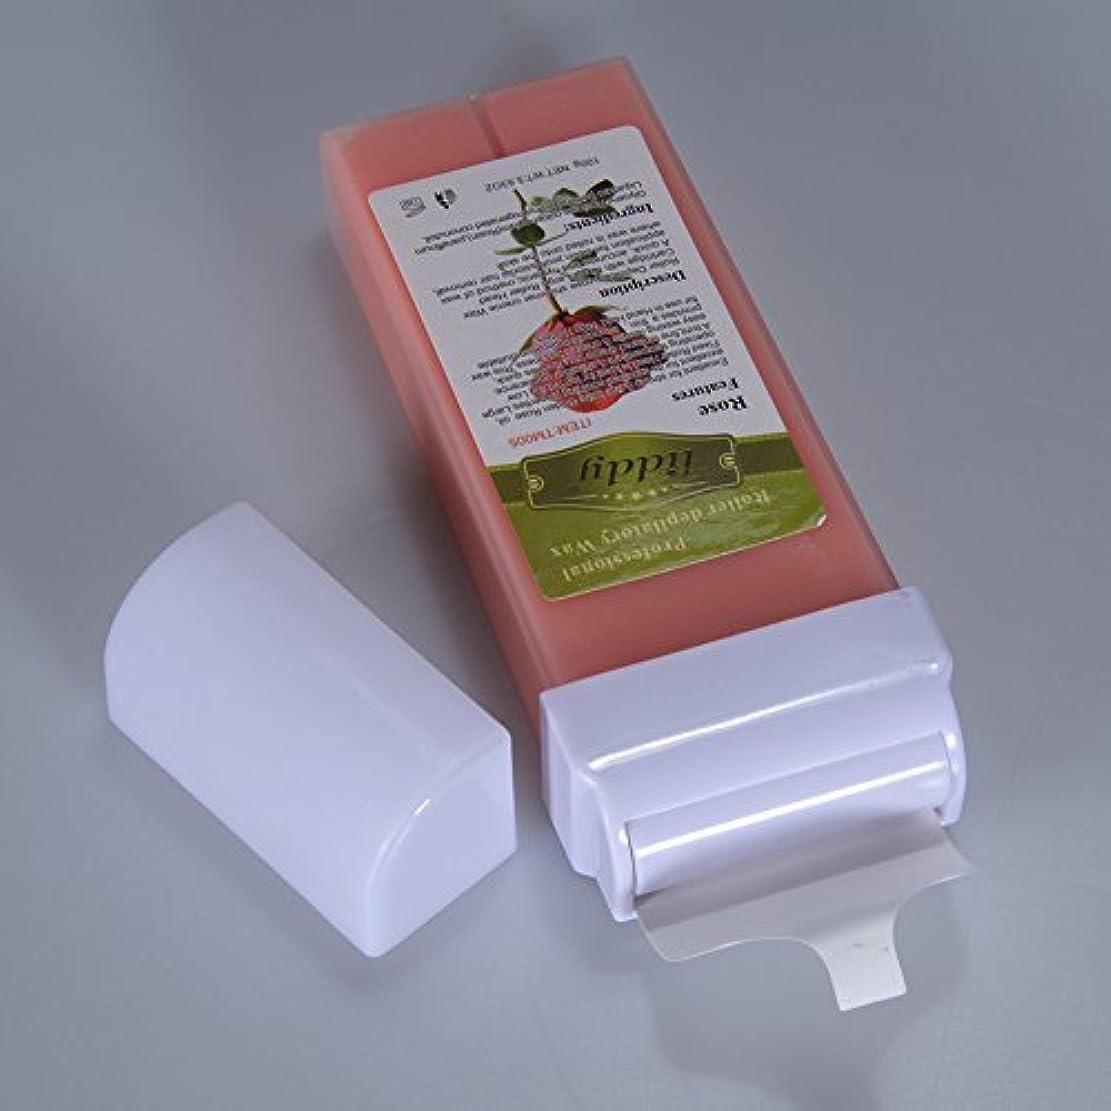 トレイ意気消沈した毎日Rabugoo 脱毛プロフェッショナル使用水溶性脱毛砂糖ワックスカートリッジワックスグッドスメル - 100g / 3.53oz 100g rose